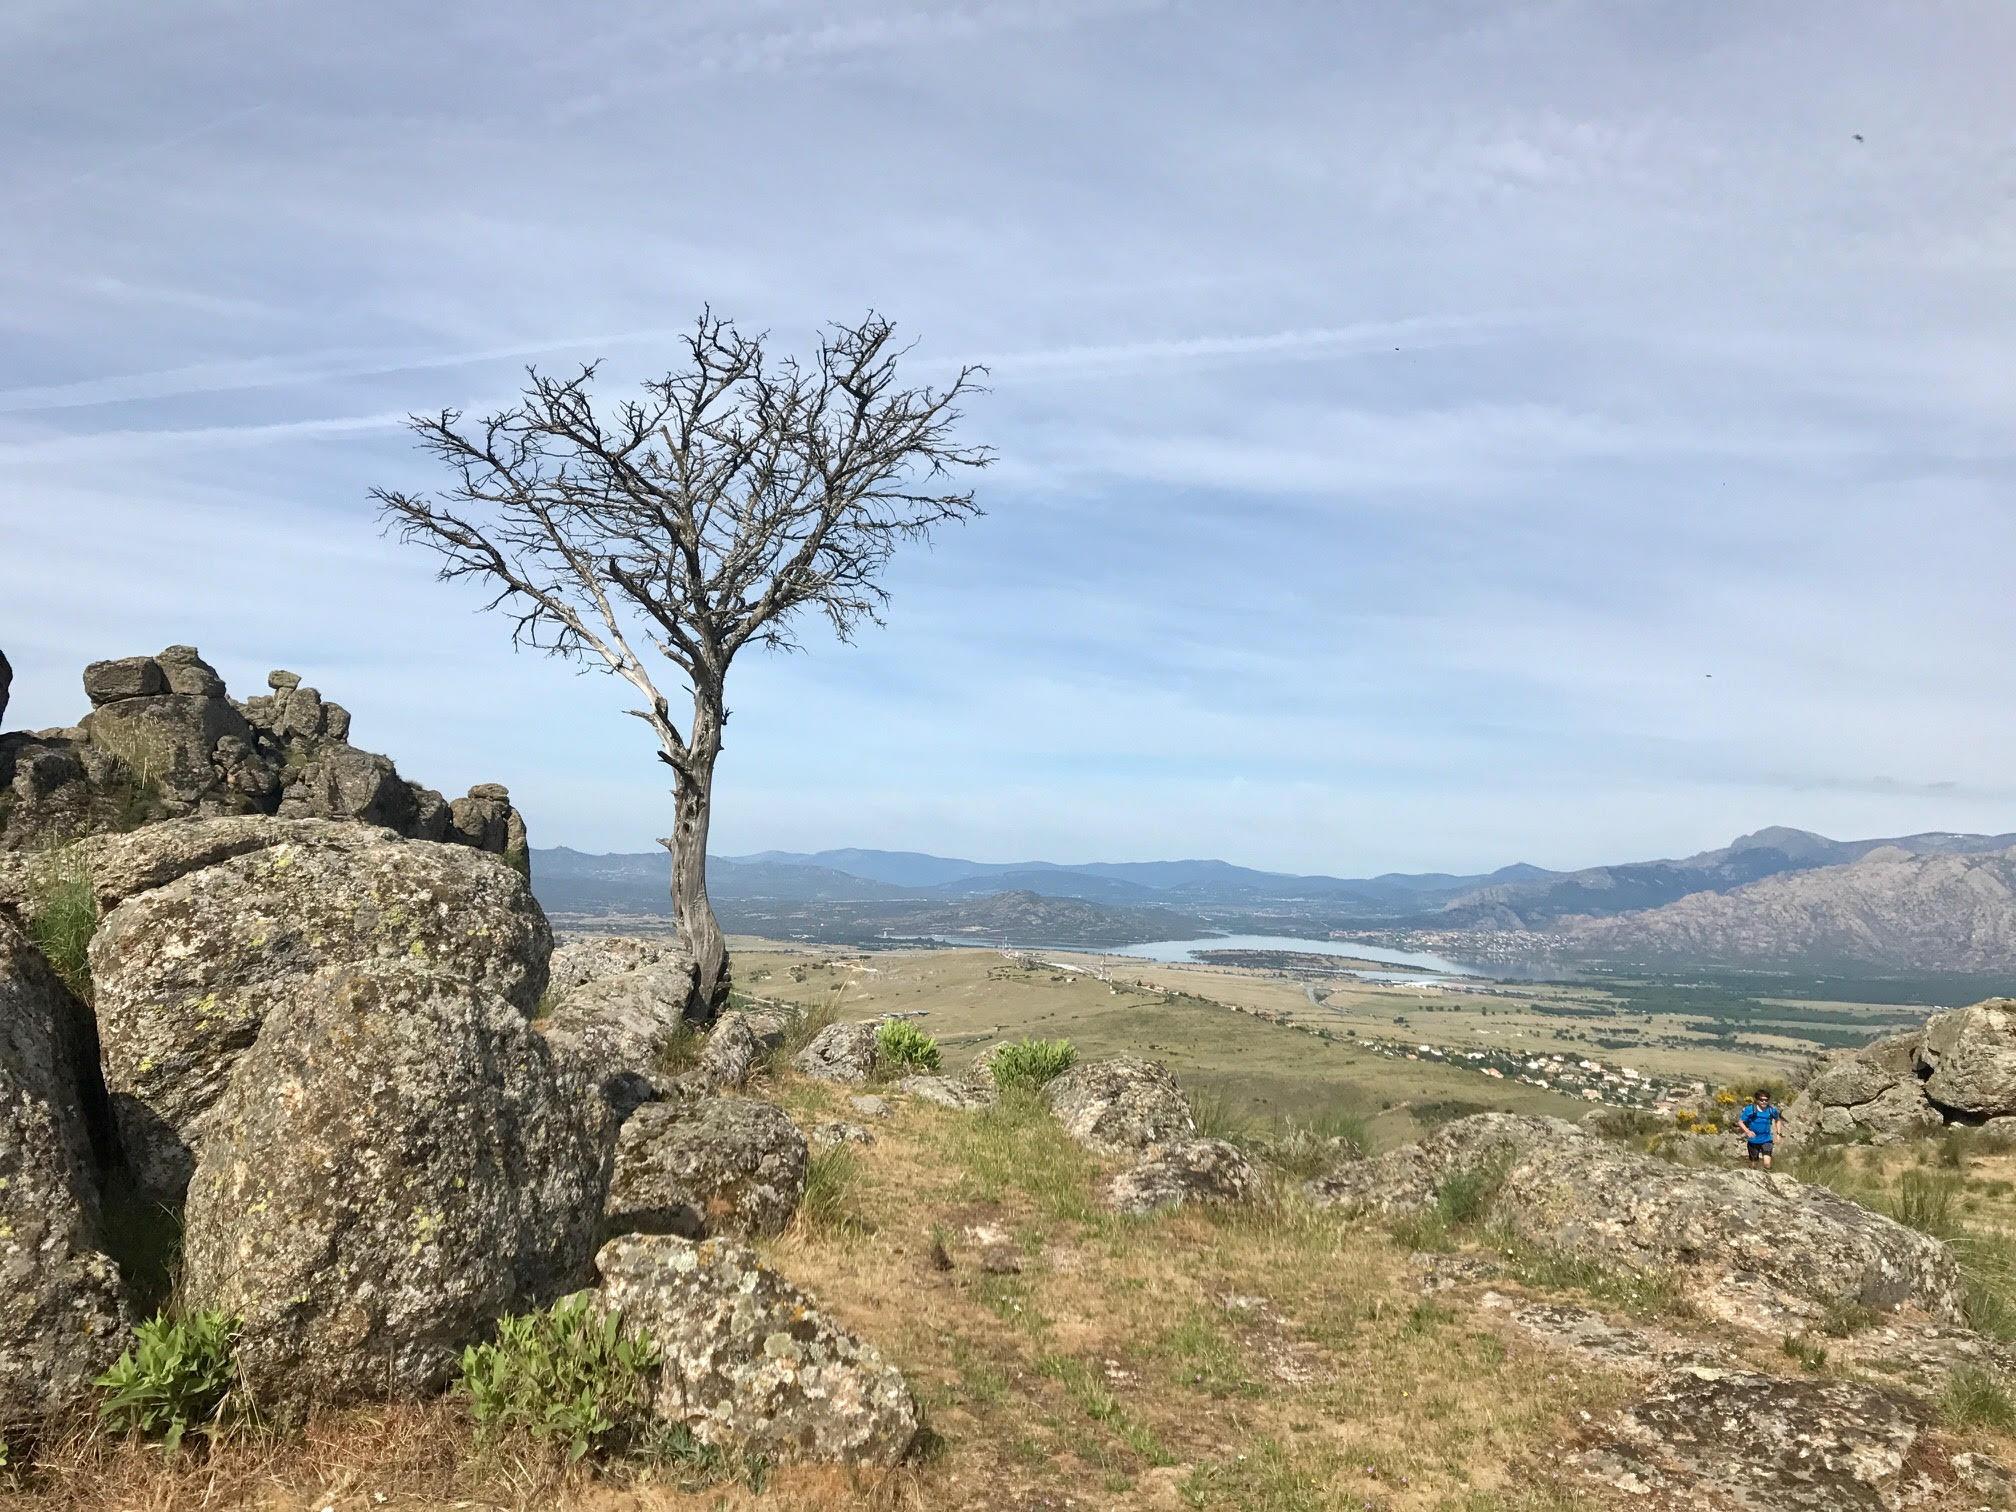 Vistas en el ascenso al Pico de San Pedro